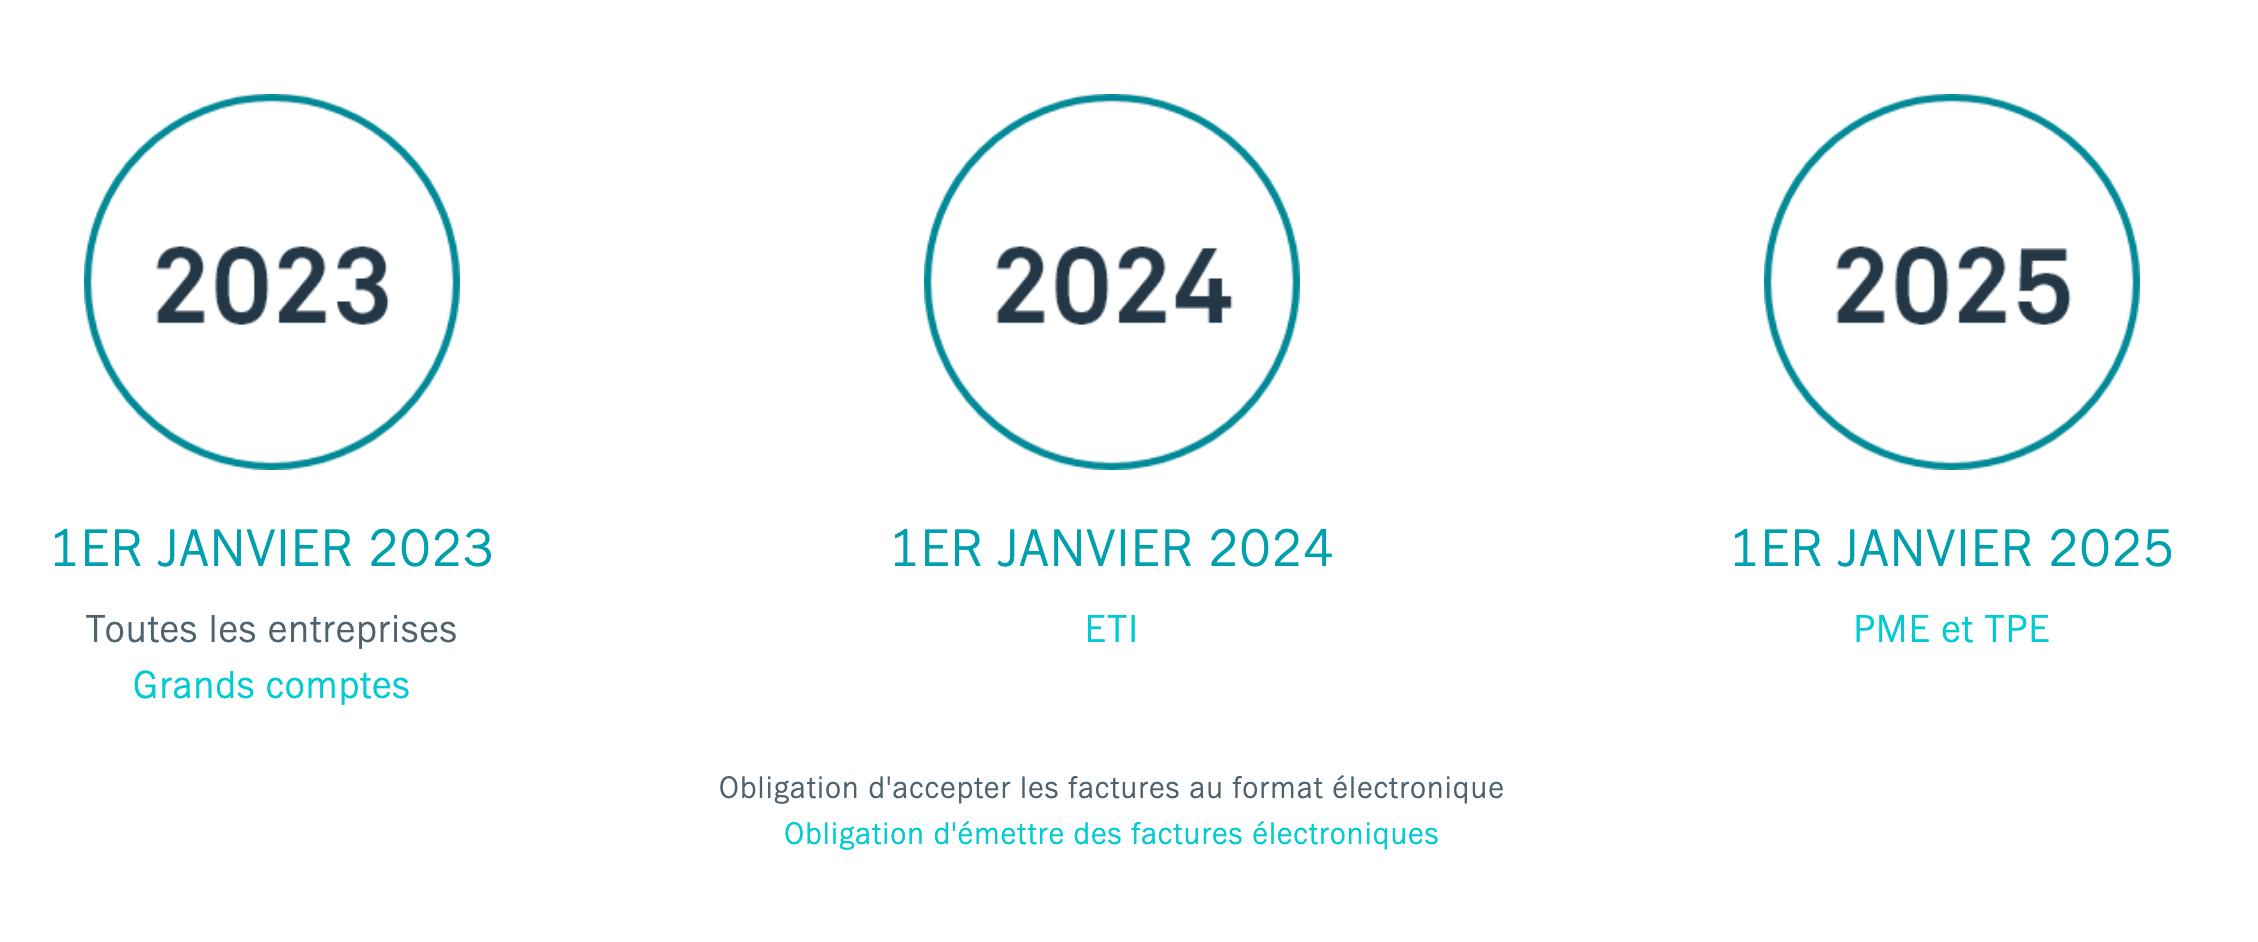 Mise en application progressive entre 2023 et 2025